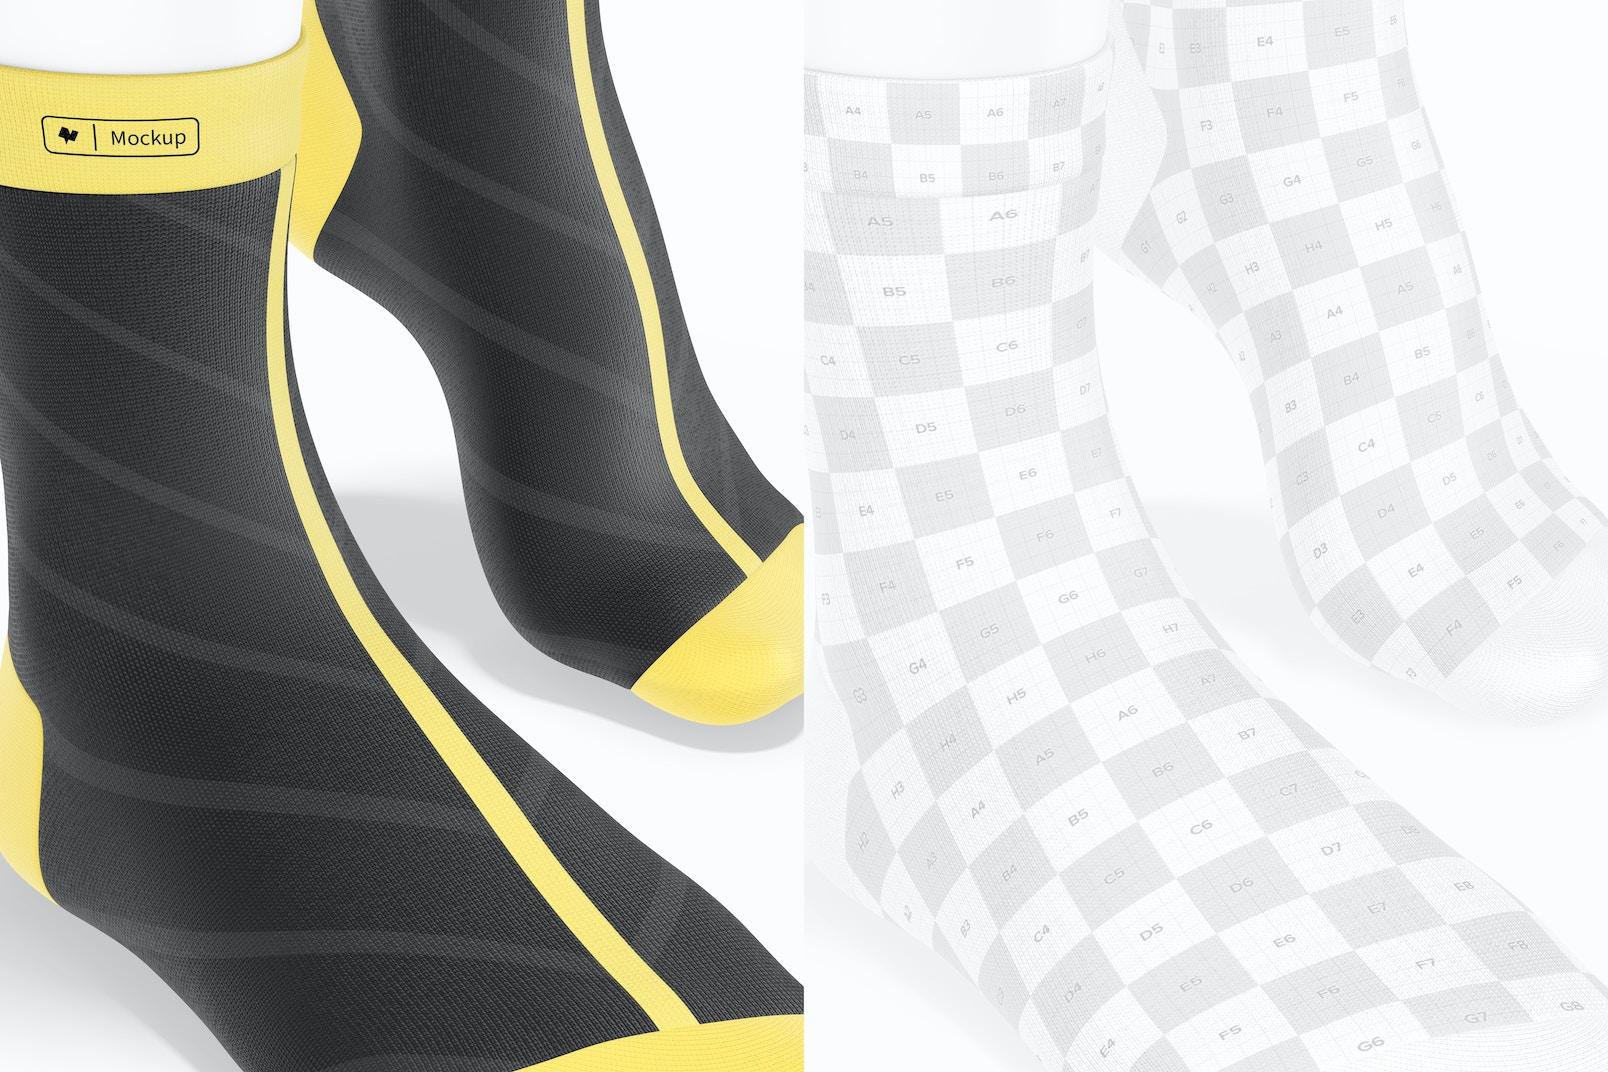 Sports Cycling Socks Mockup, Close Up